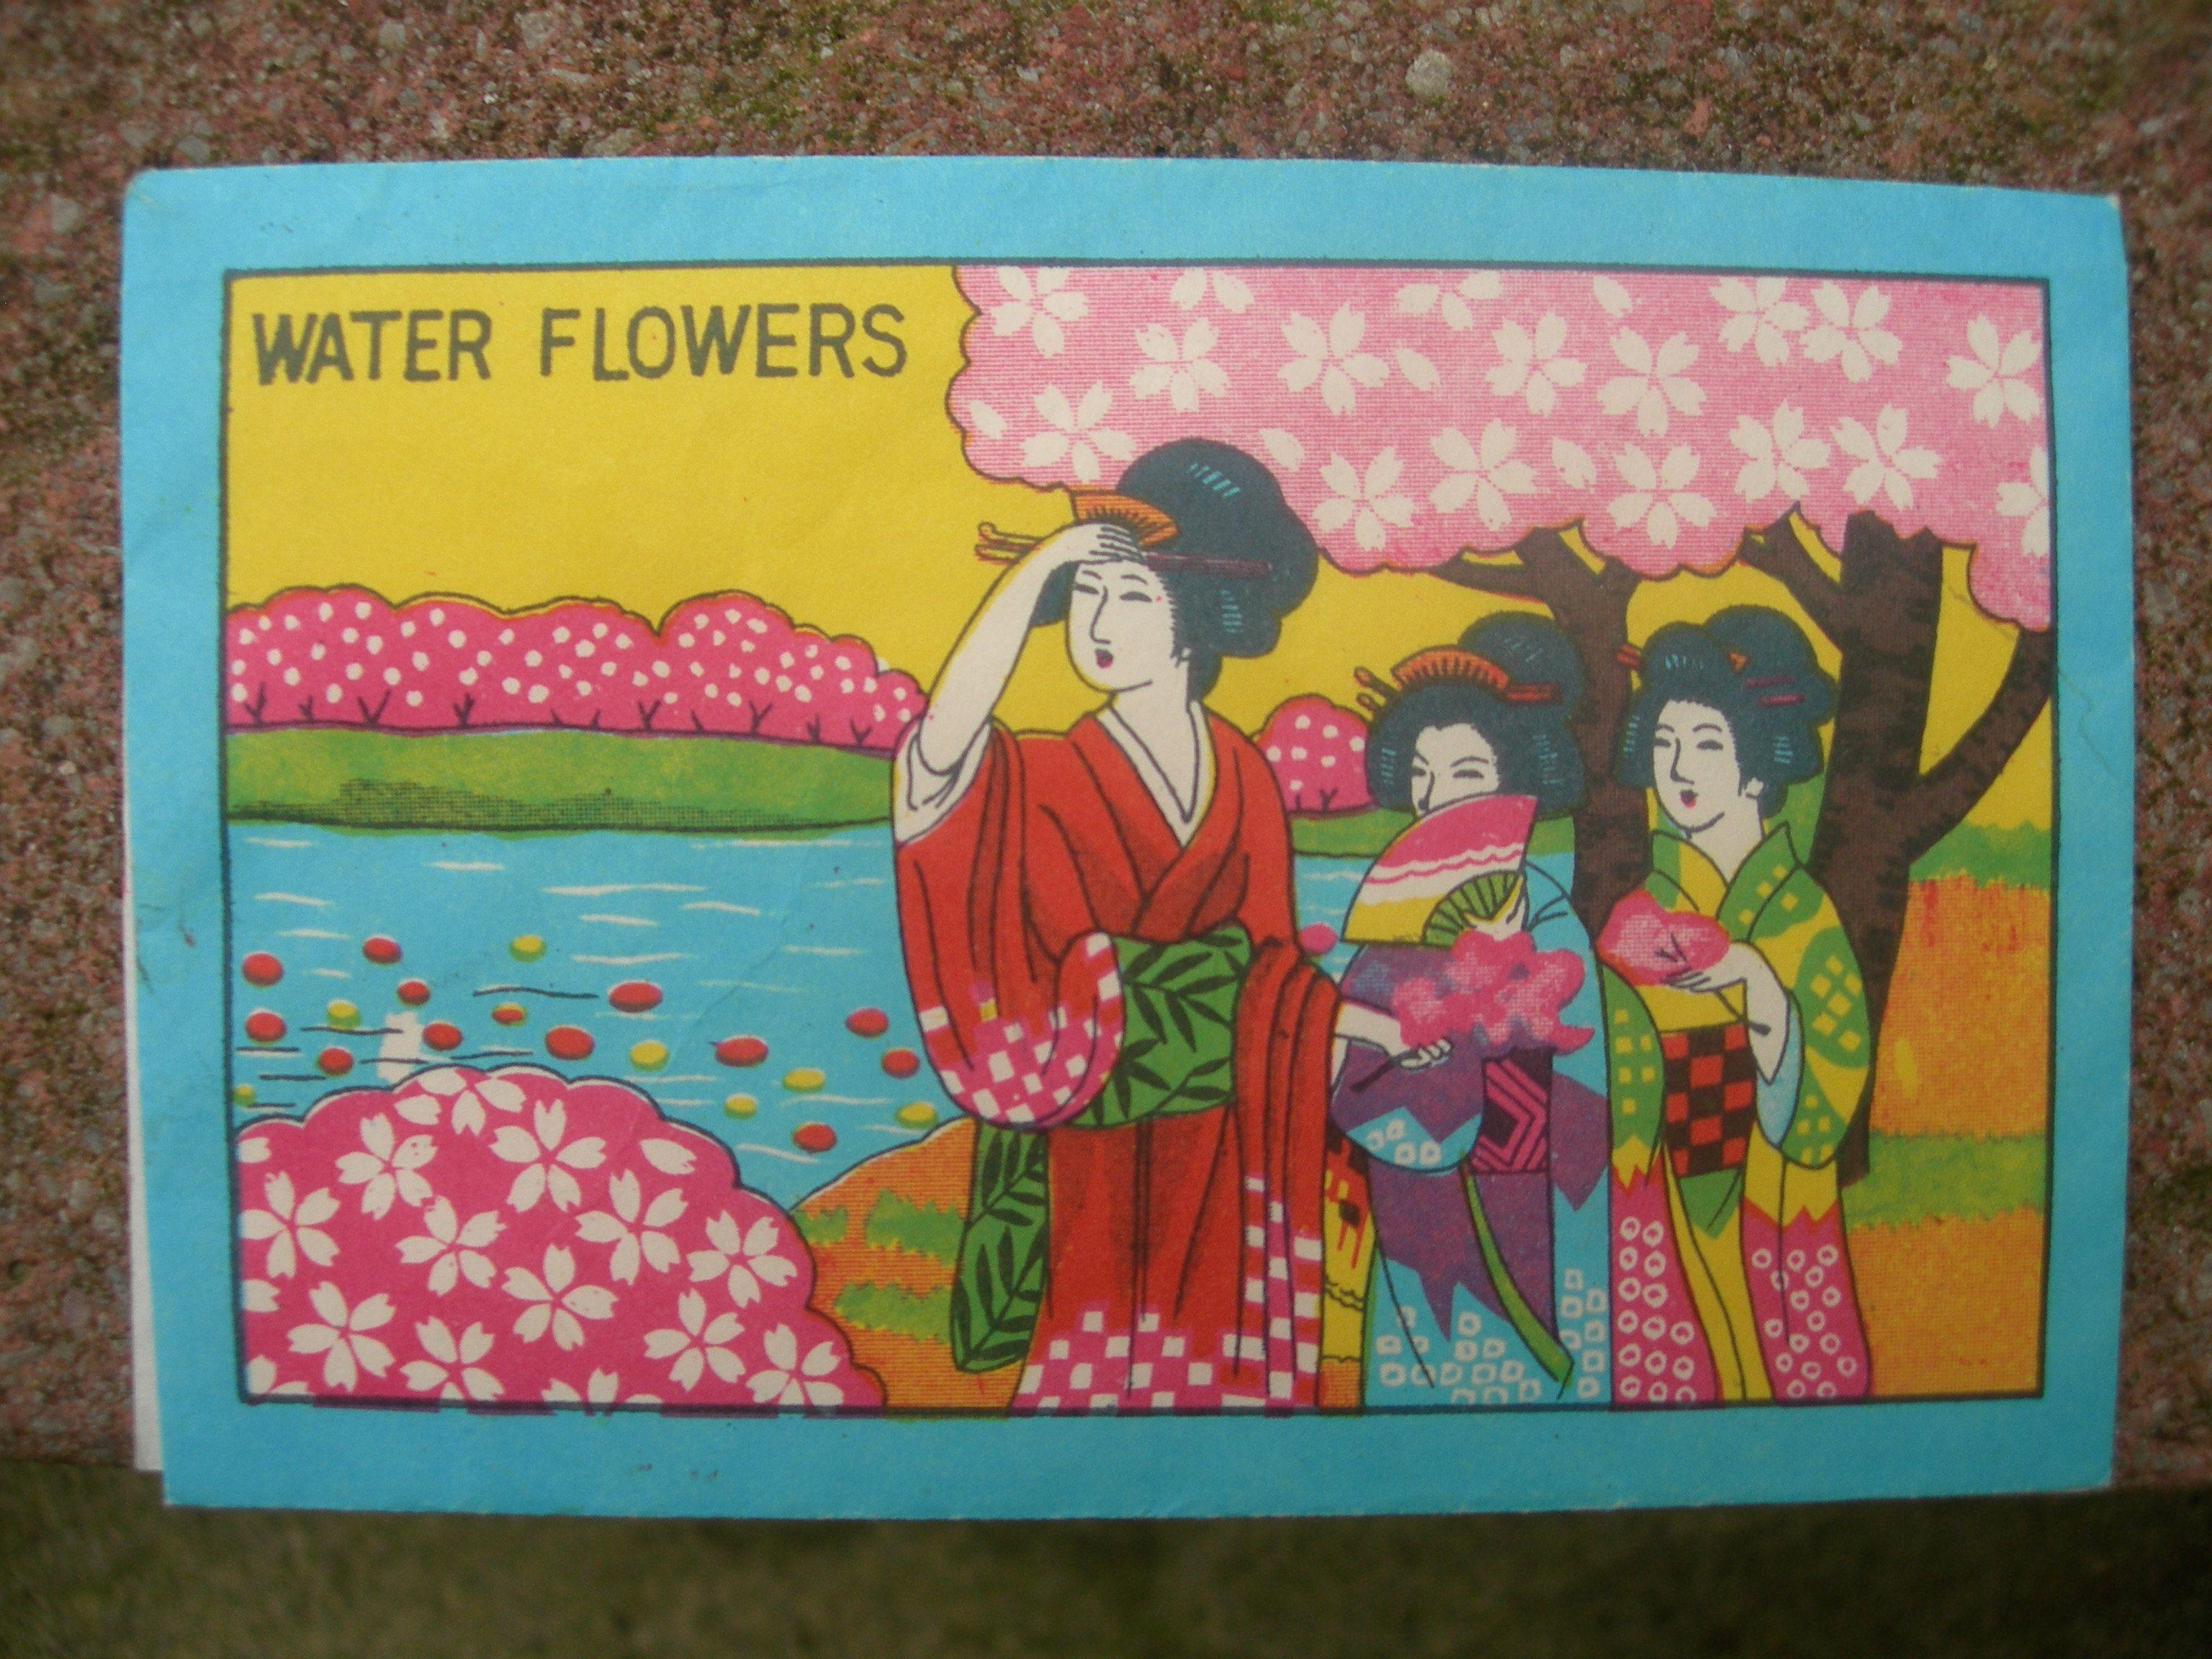 Japanese Water Flowers Each Paper Flower Unfurls When You Put It In